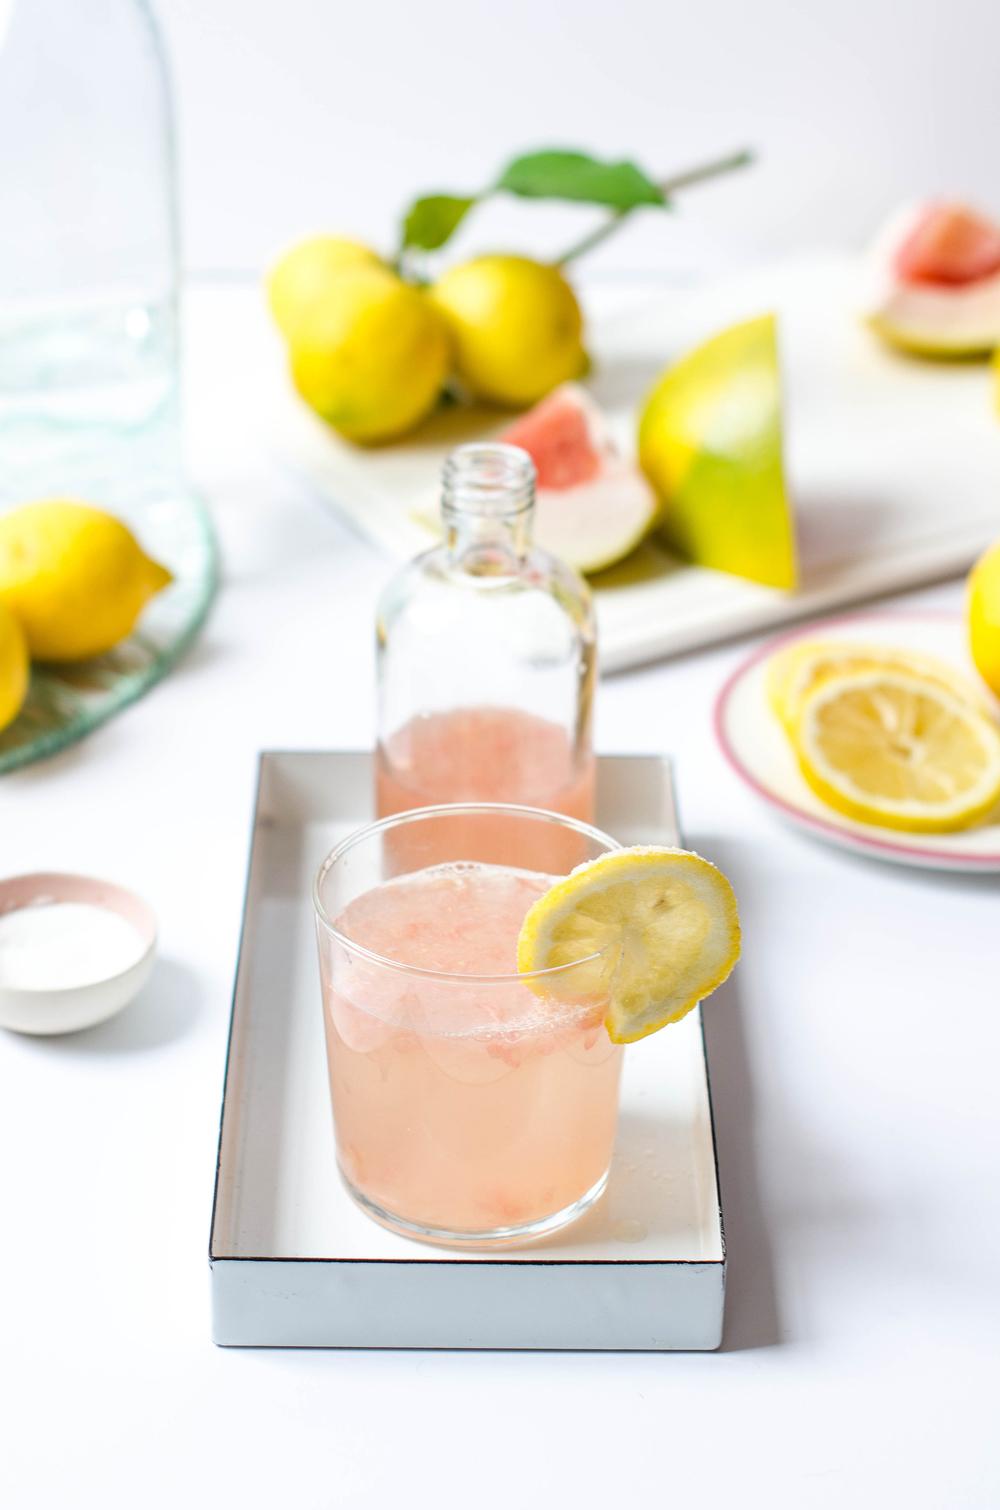 ROSE & IVY Journal Pink Pomelo Spritzer